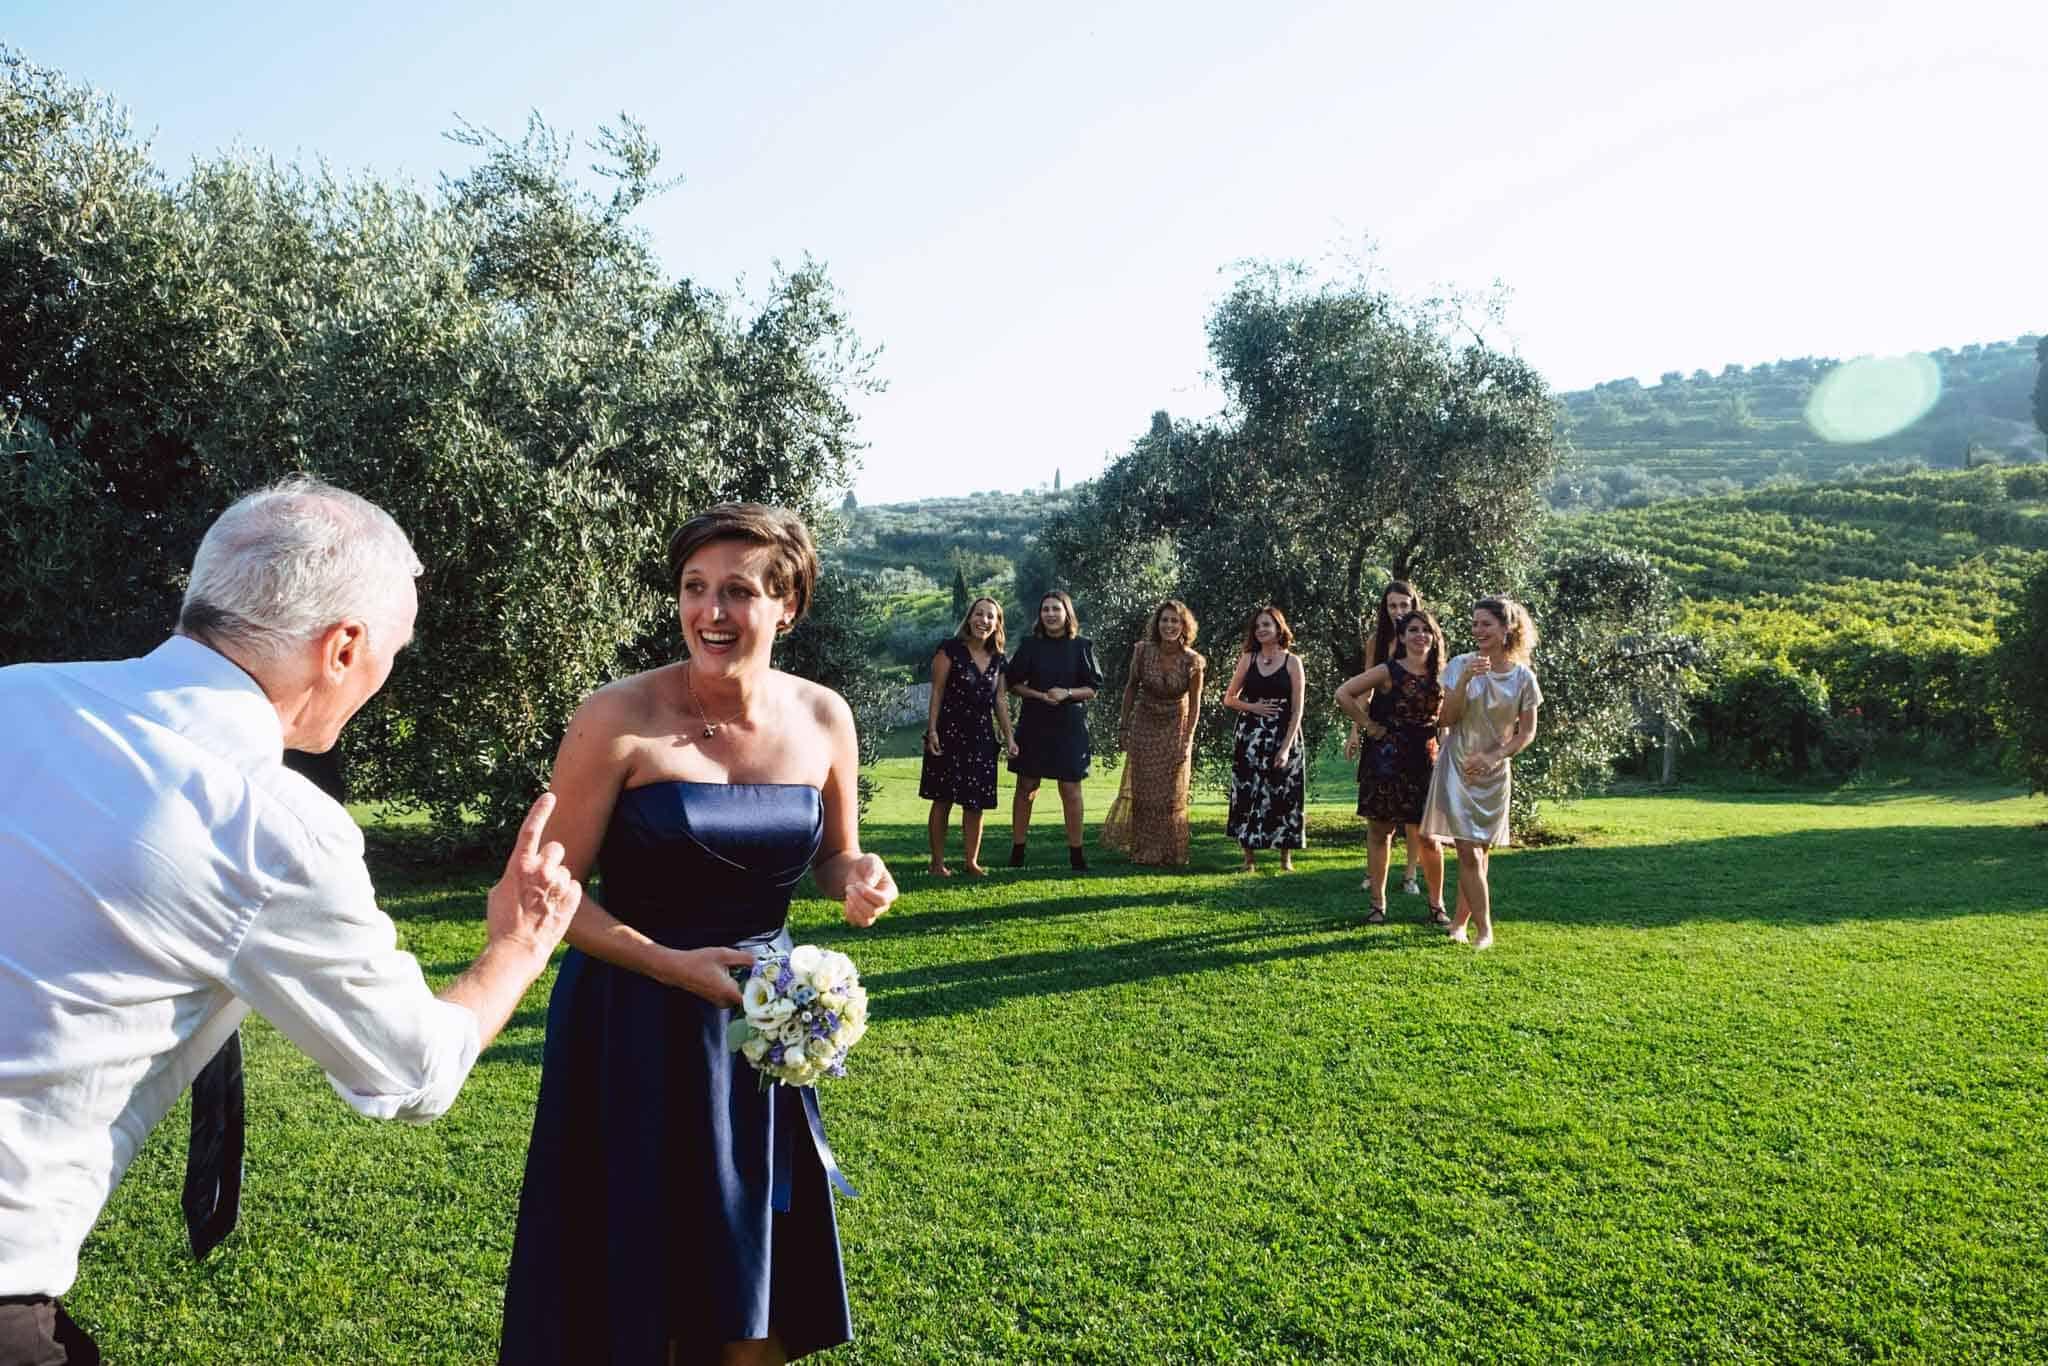 matrimonio valpolicella verona Costa degli ulivi 0034